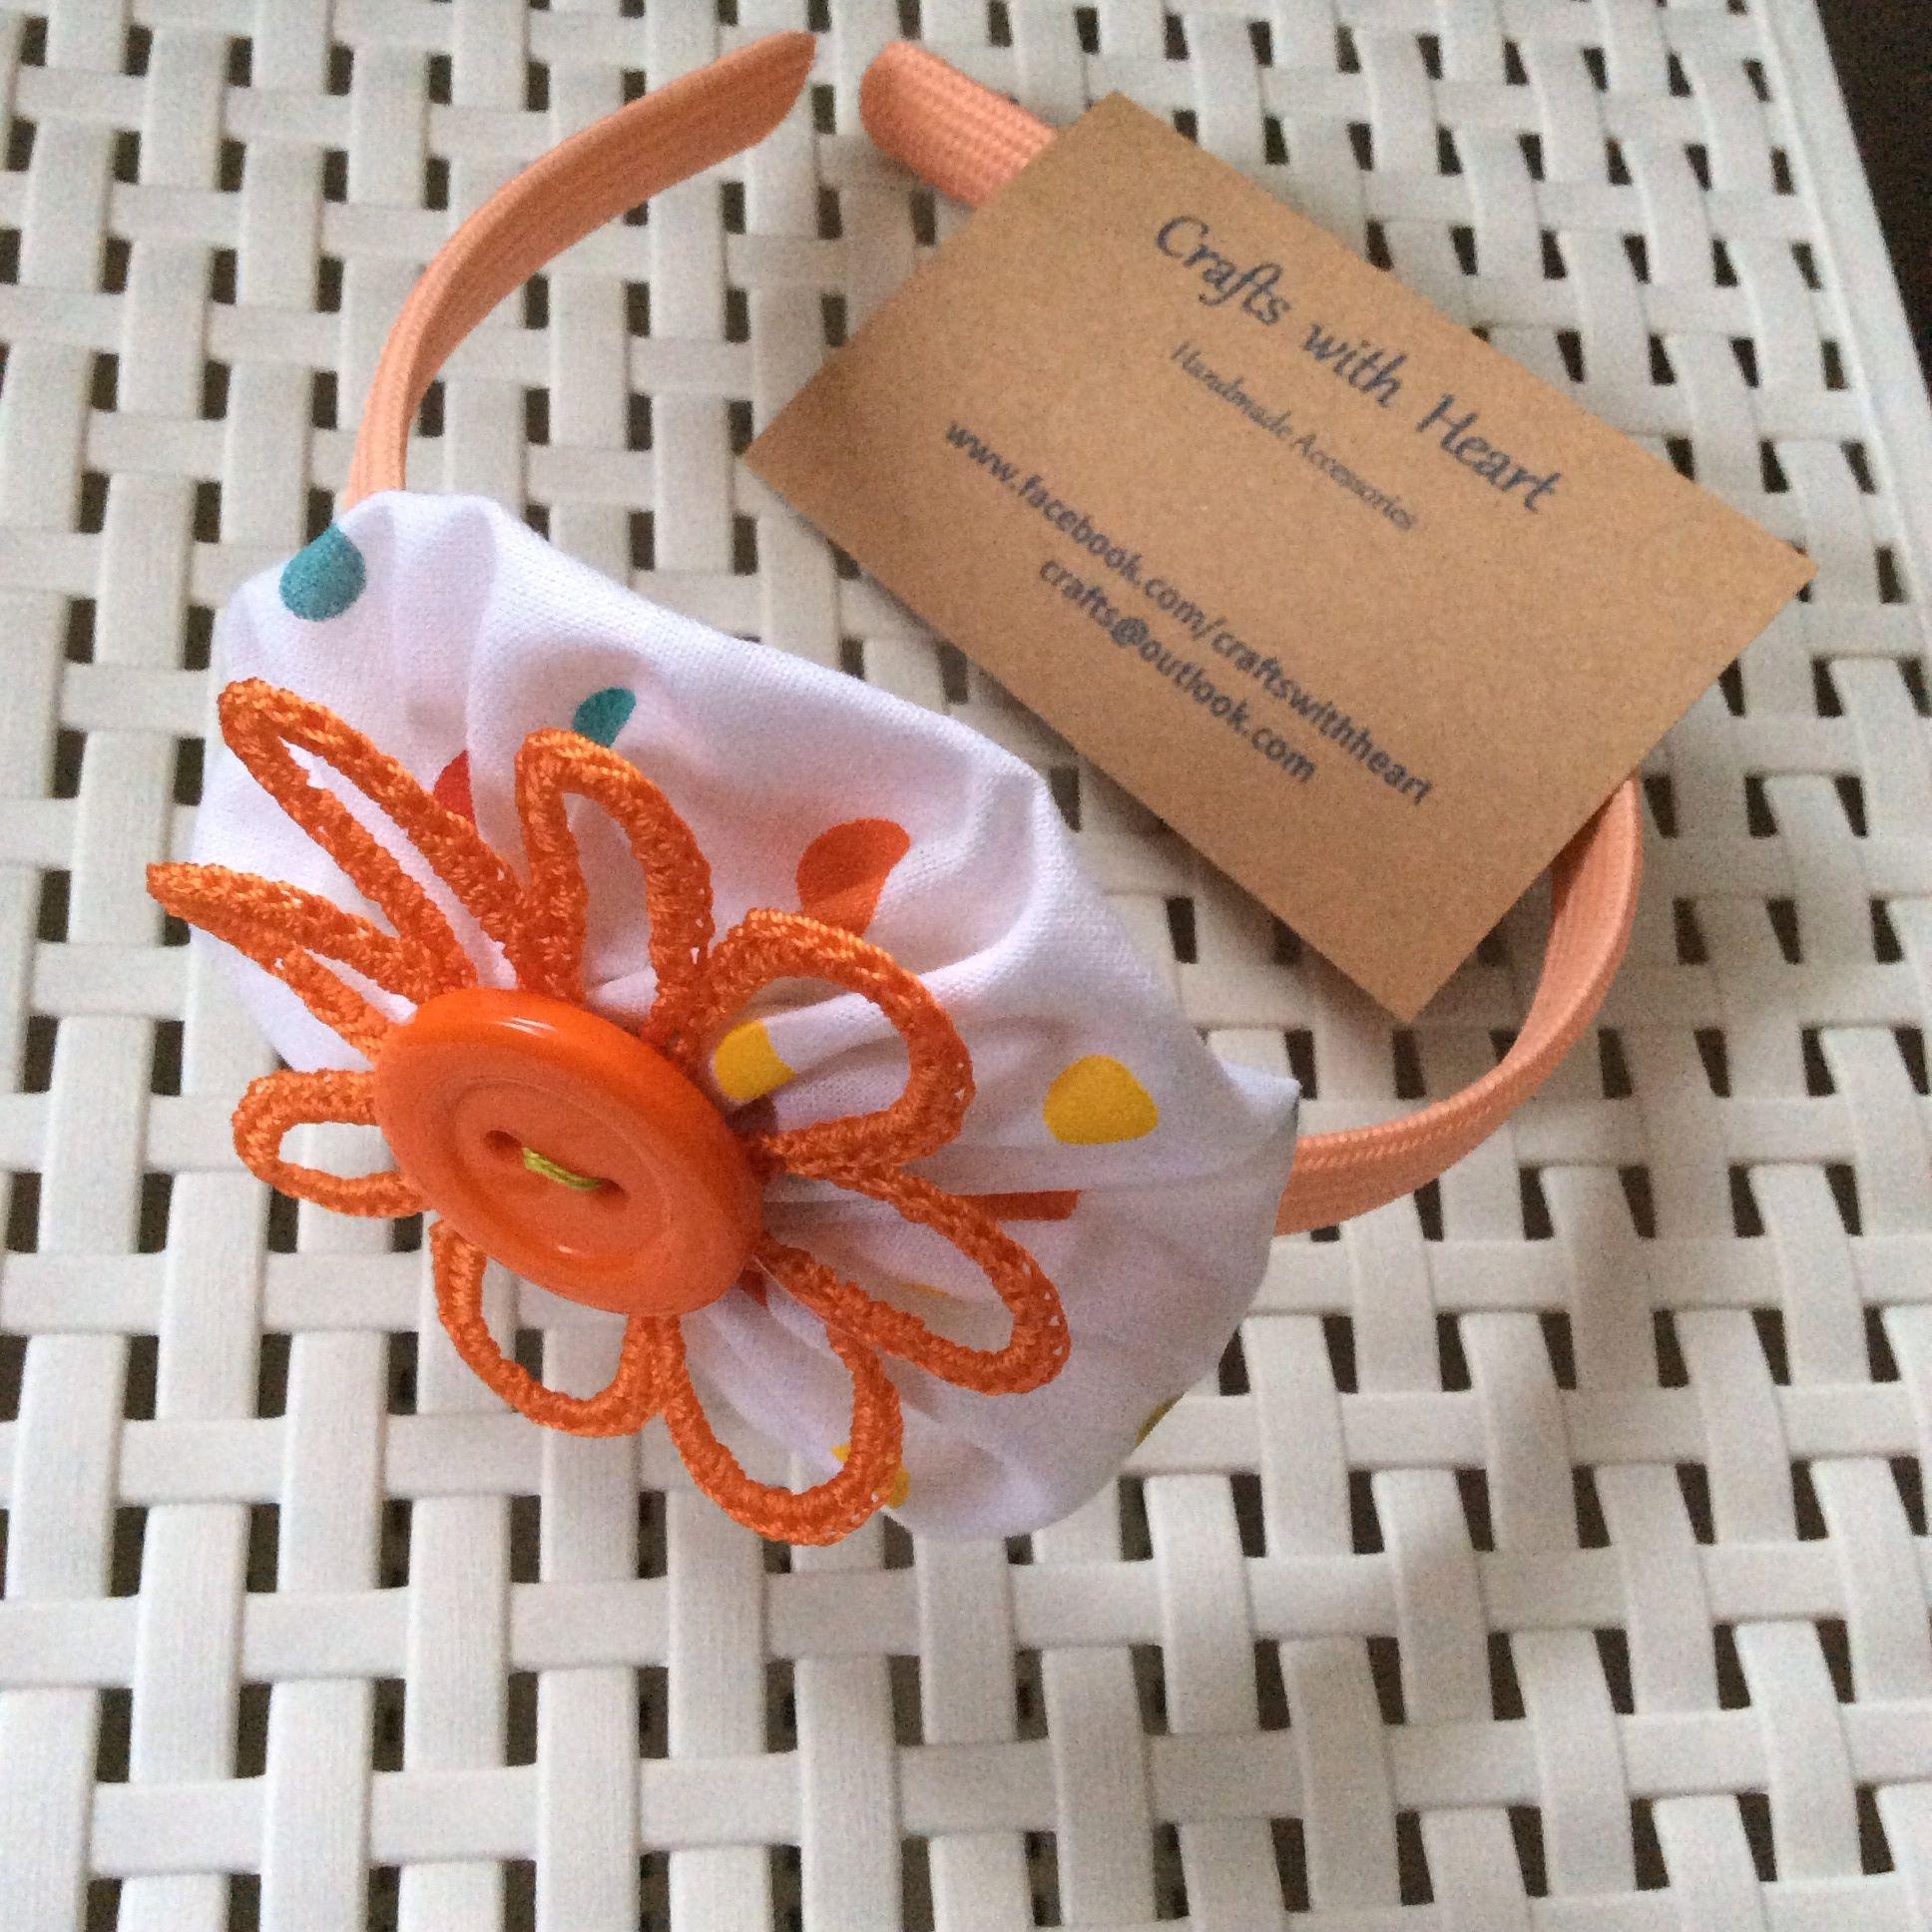 Diadema, crafts@outlook.com